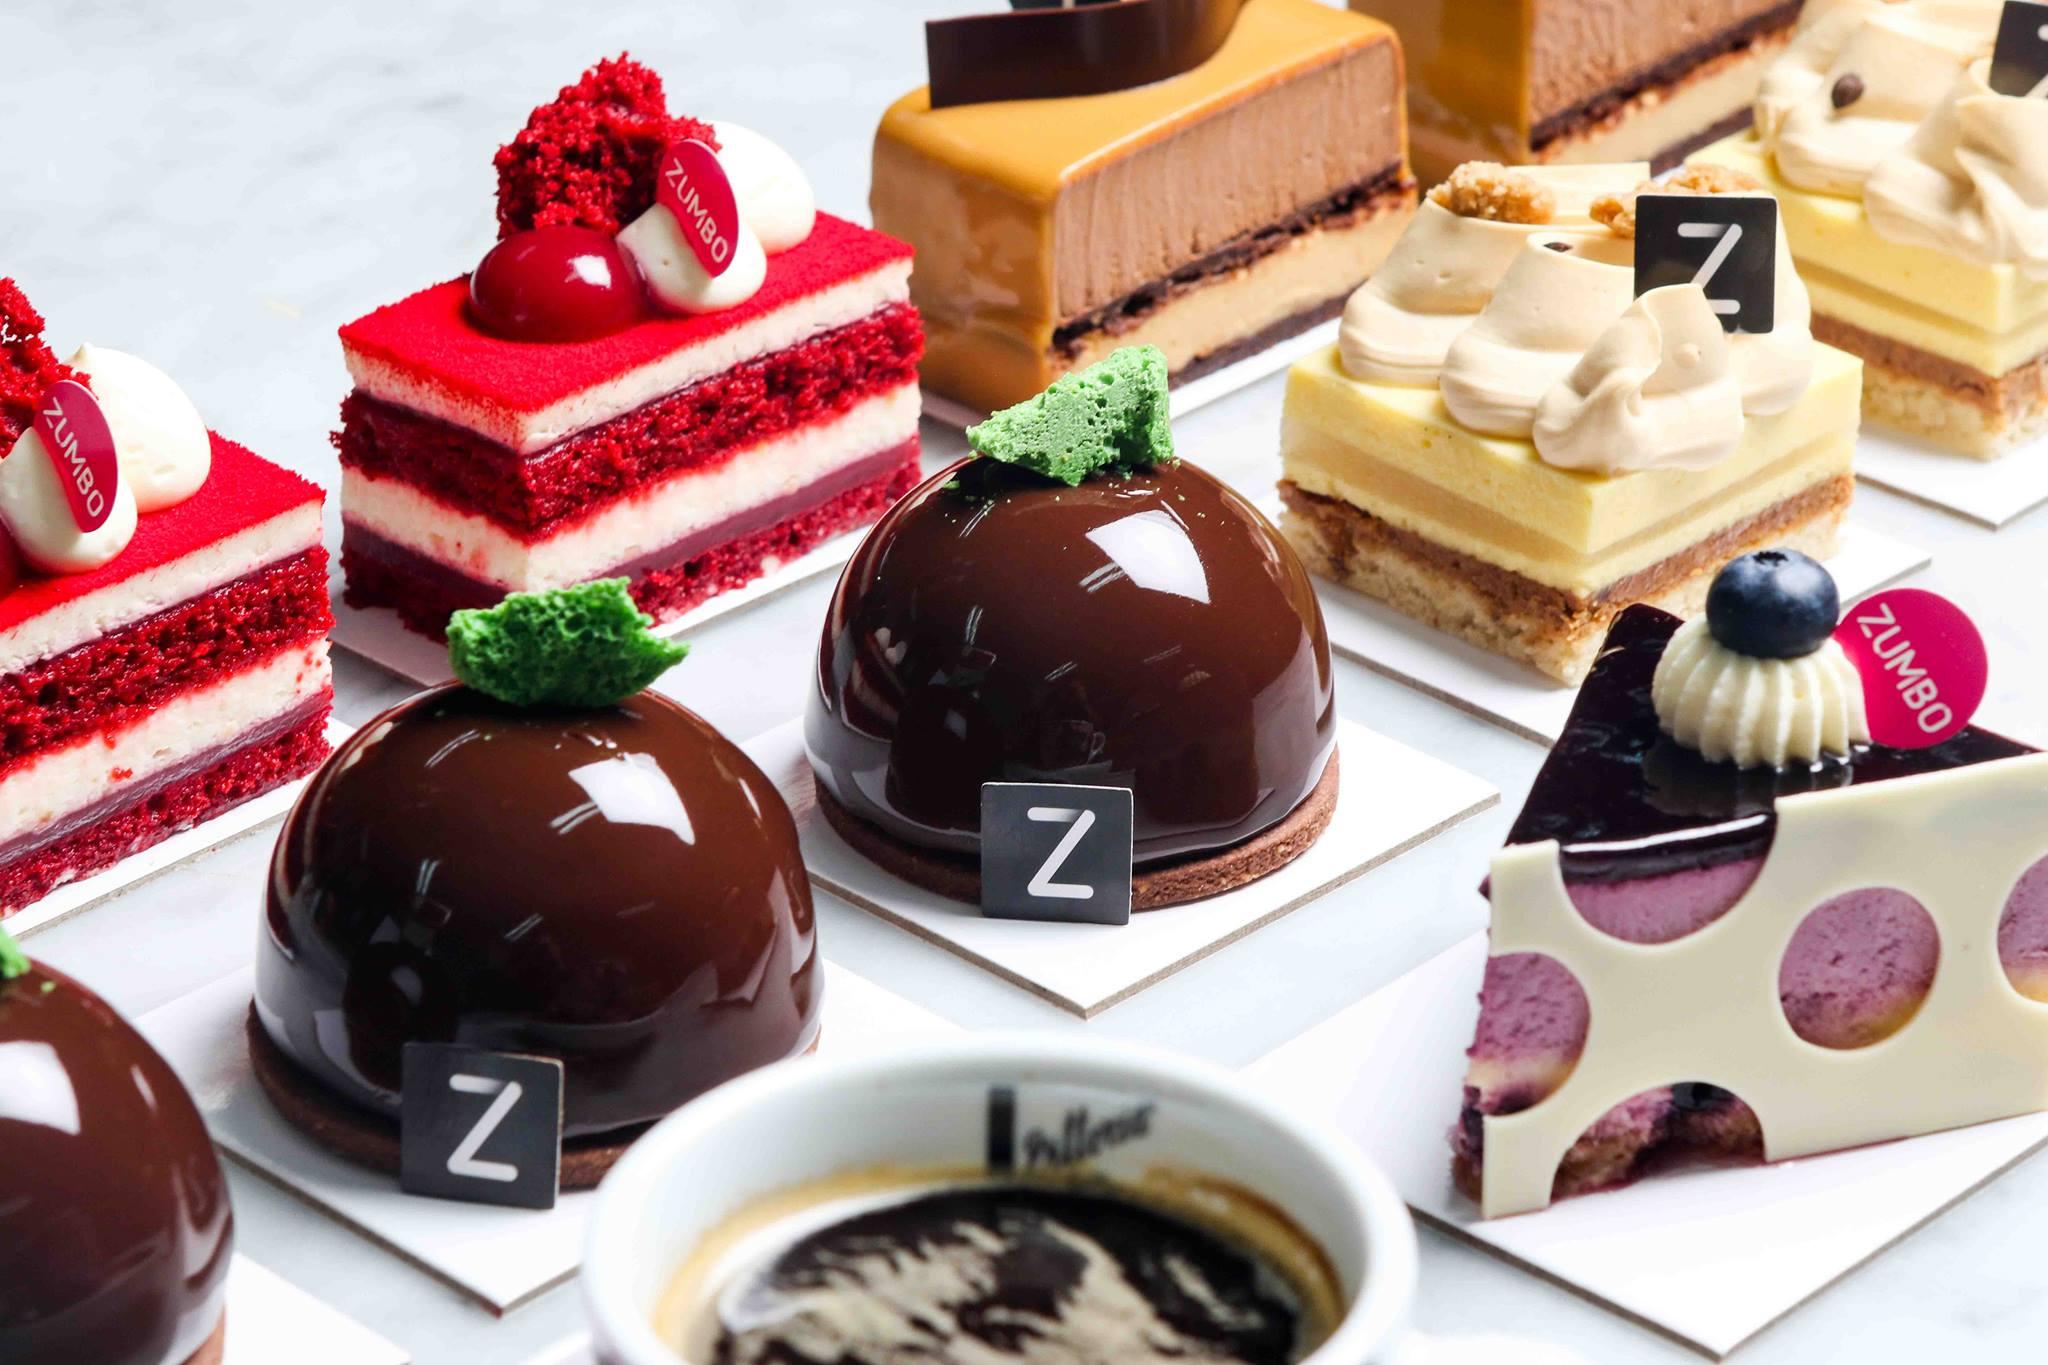 Adriano Zumbo cakes